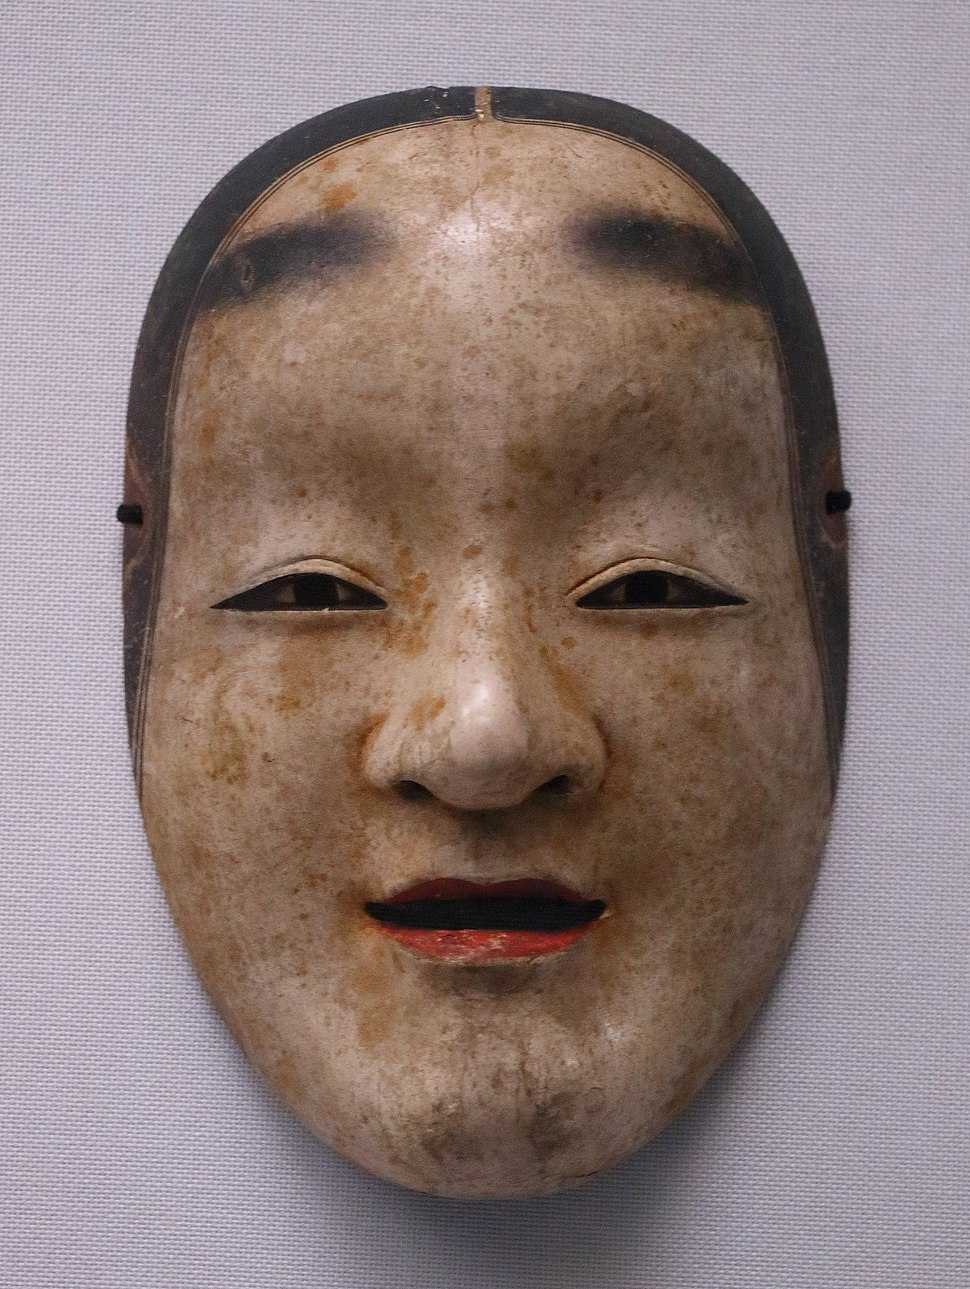 N%C5%8D mask - Koomote Type